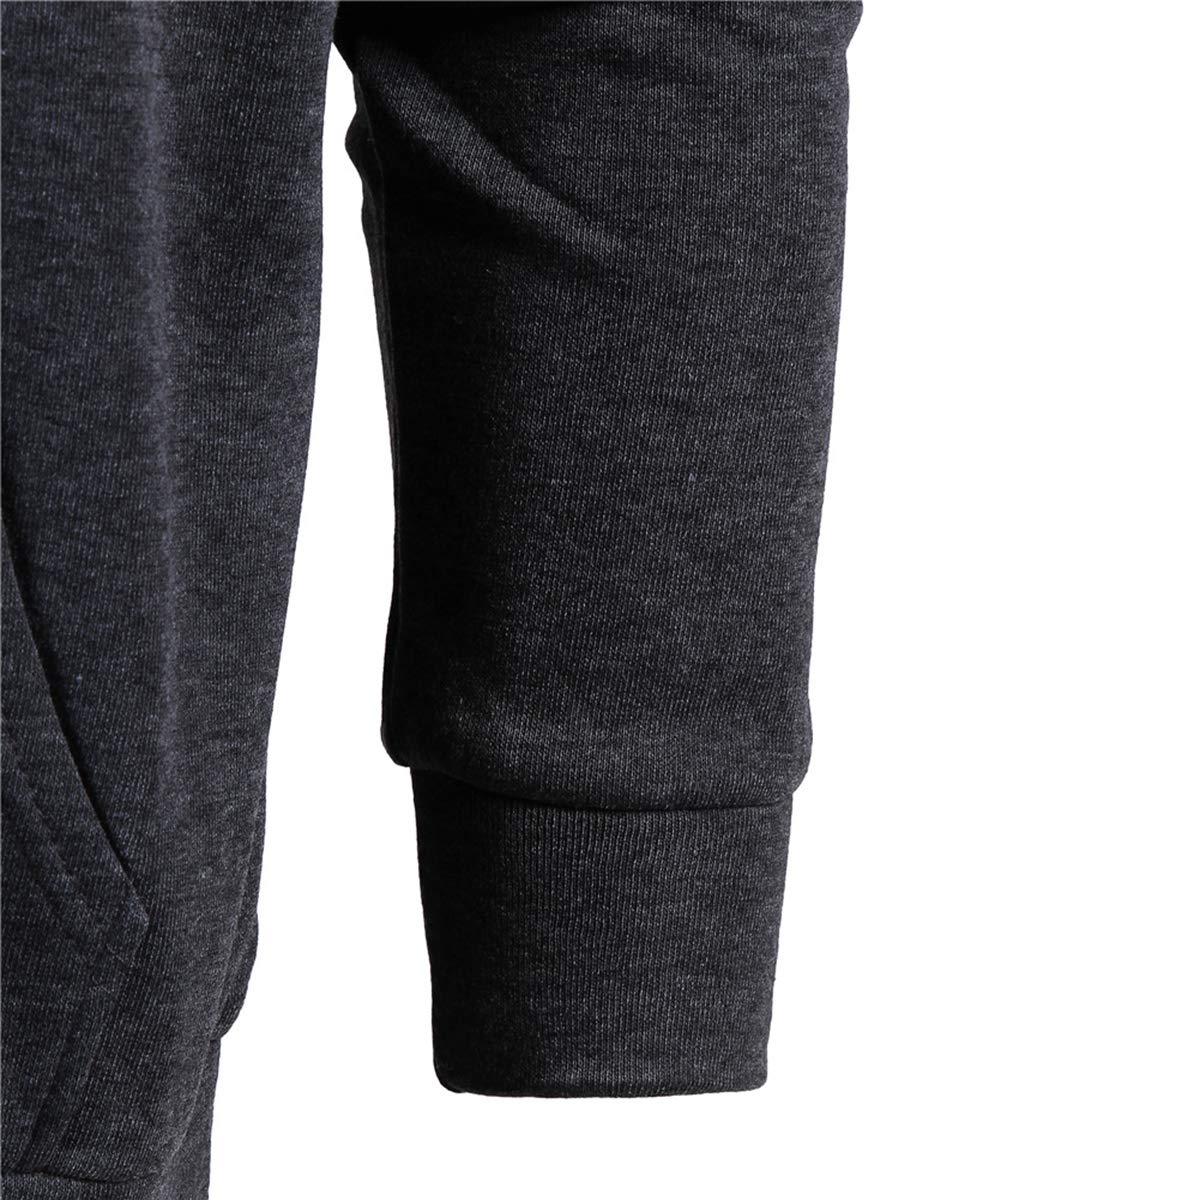 Amazon.com: Men Women Matching Hoodies King Queen Crown Pullover Hoodie Sweatshirts - Men Size M(Dark Grey): Clothing